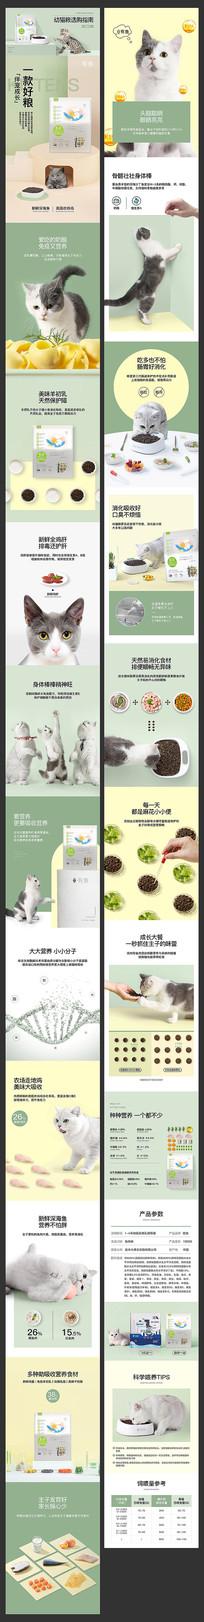 猫粮宠物淘宝详情页